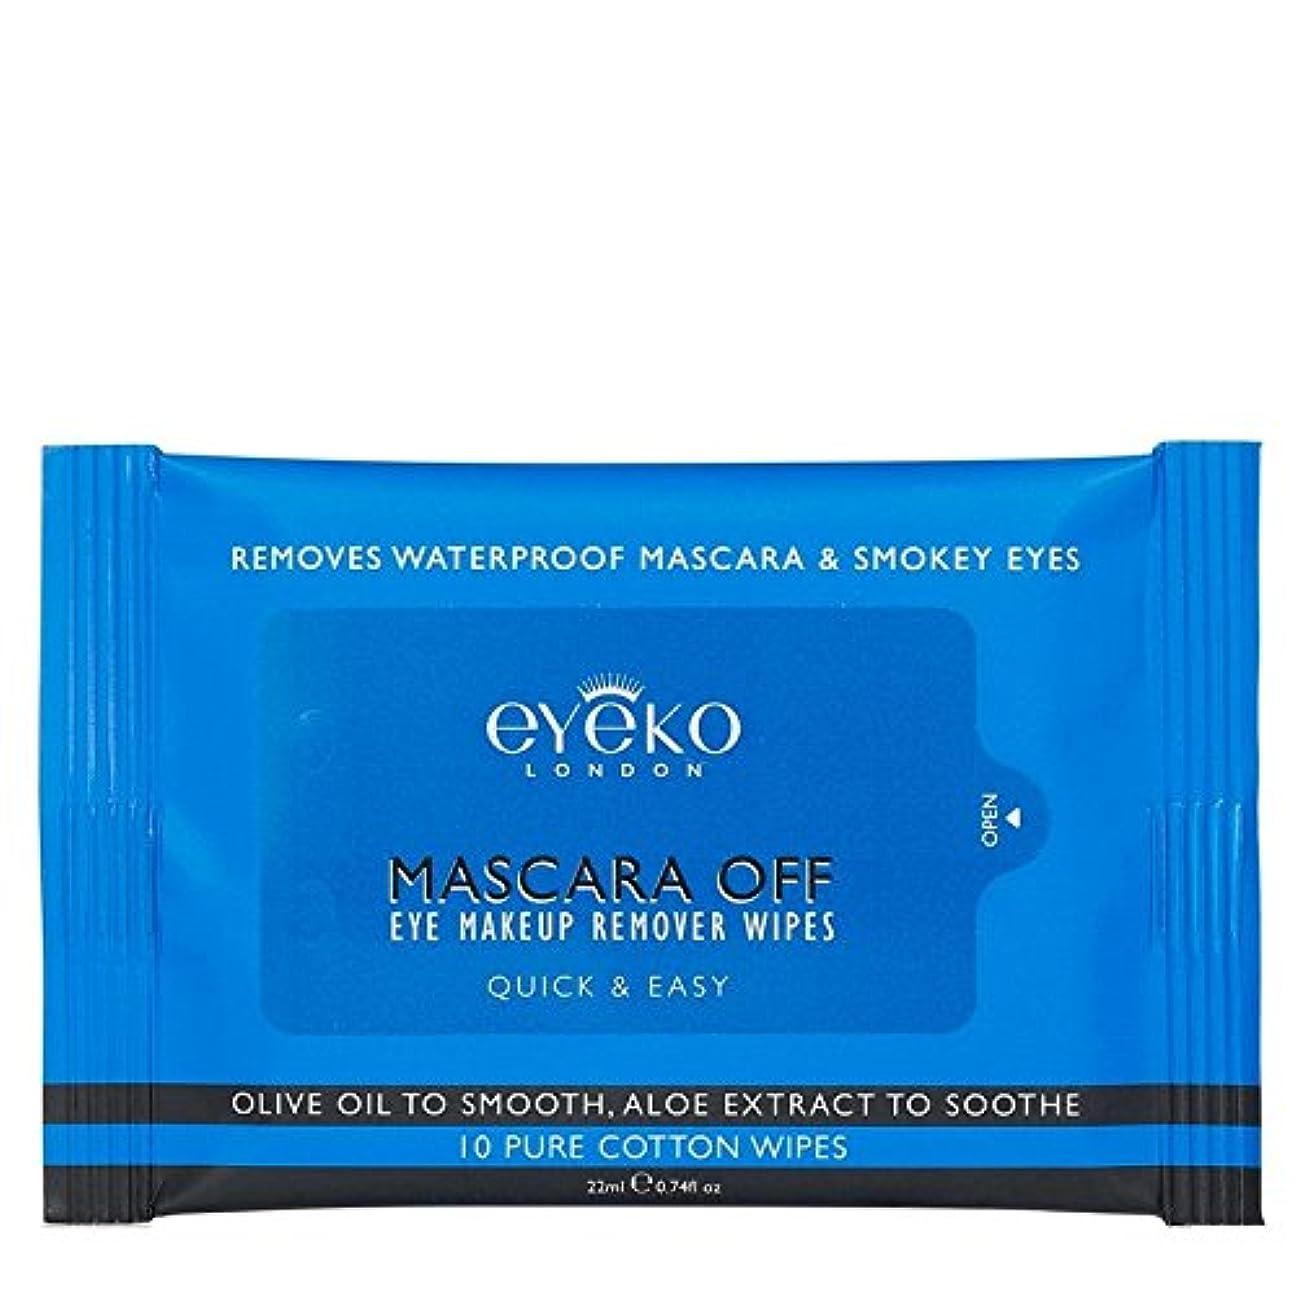 鳩終わらせるポータブルマスカラオフパックあたり10ワイプ x2 - Eyeko Mascara off Wipes 10 per pack (Pack of 2) [並行輸入品]